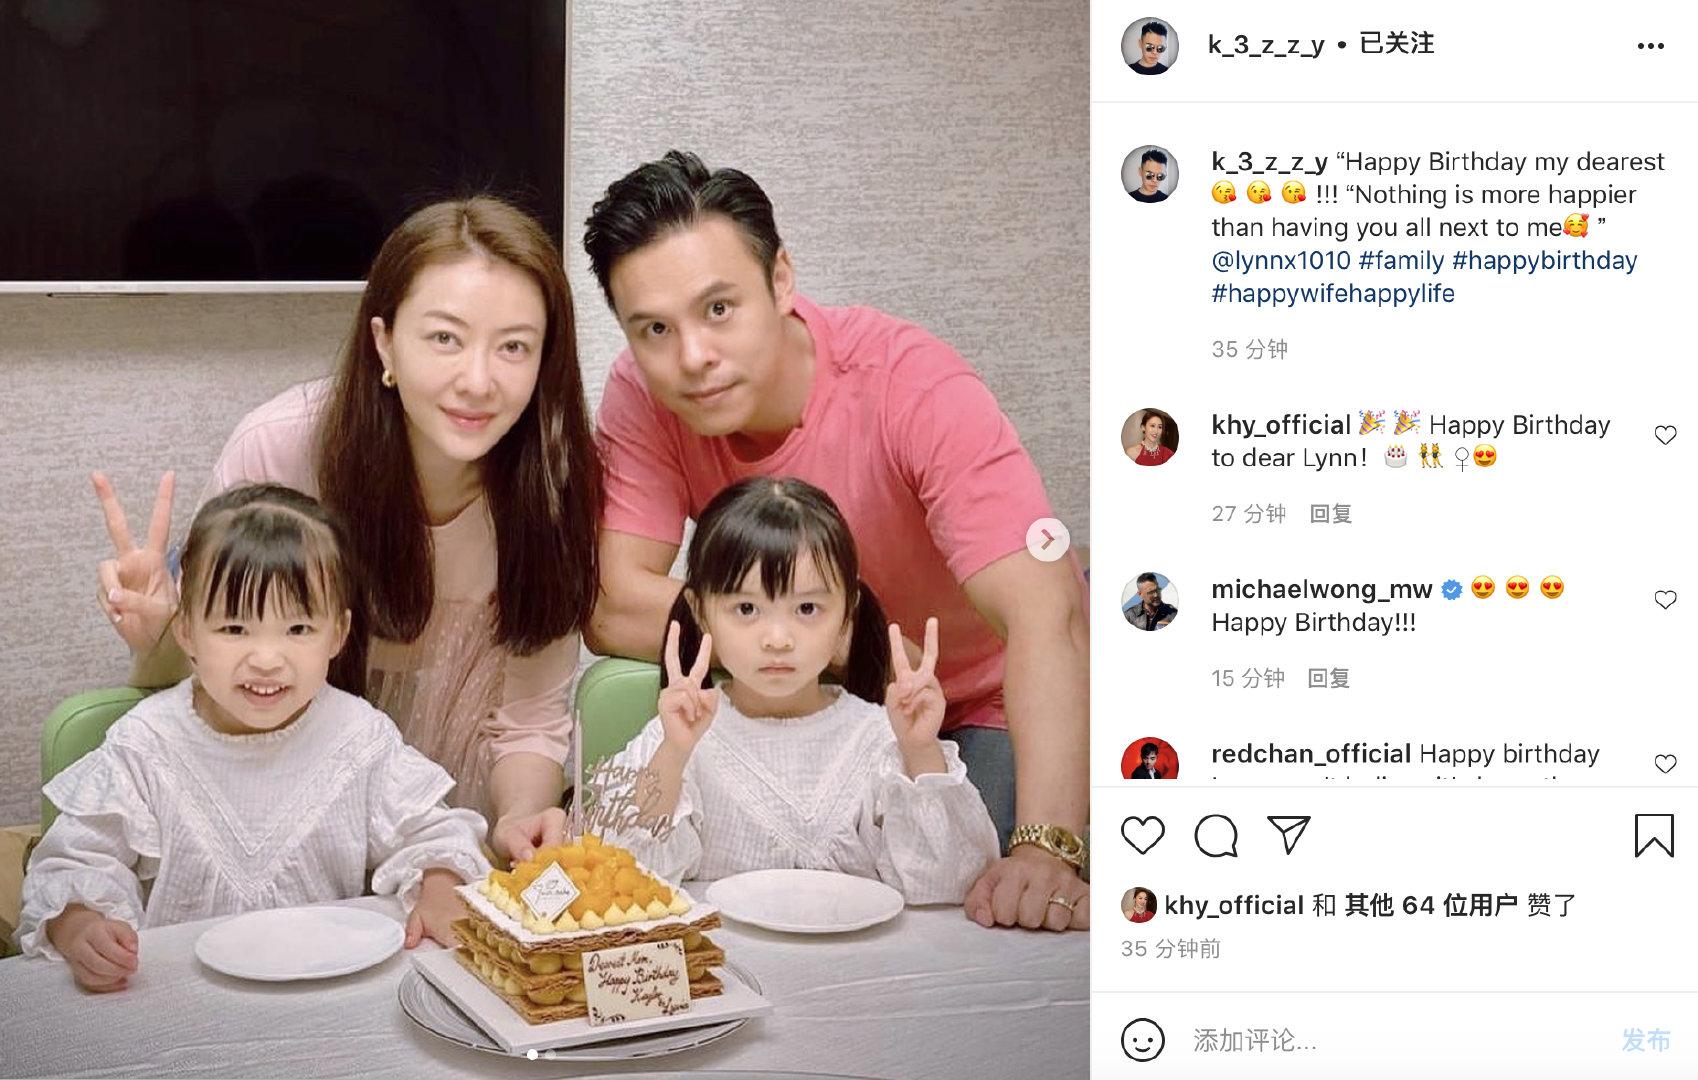 郭克松沉浸在家庭照片中。祝女神生日快乐~永远幸福~